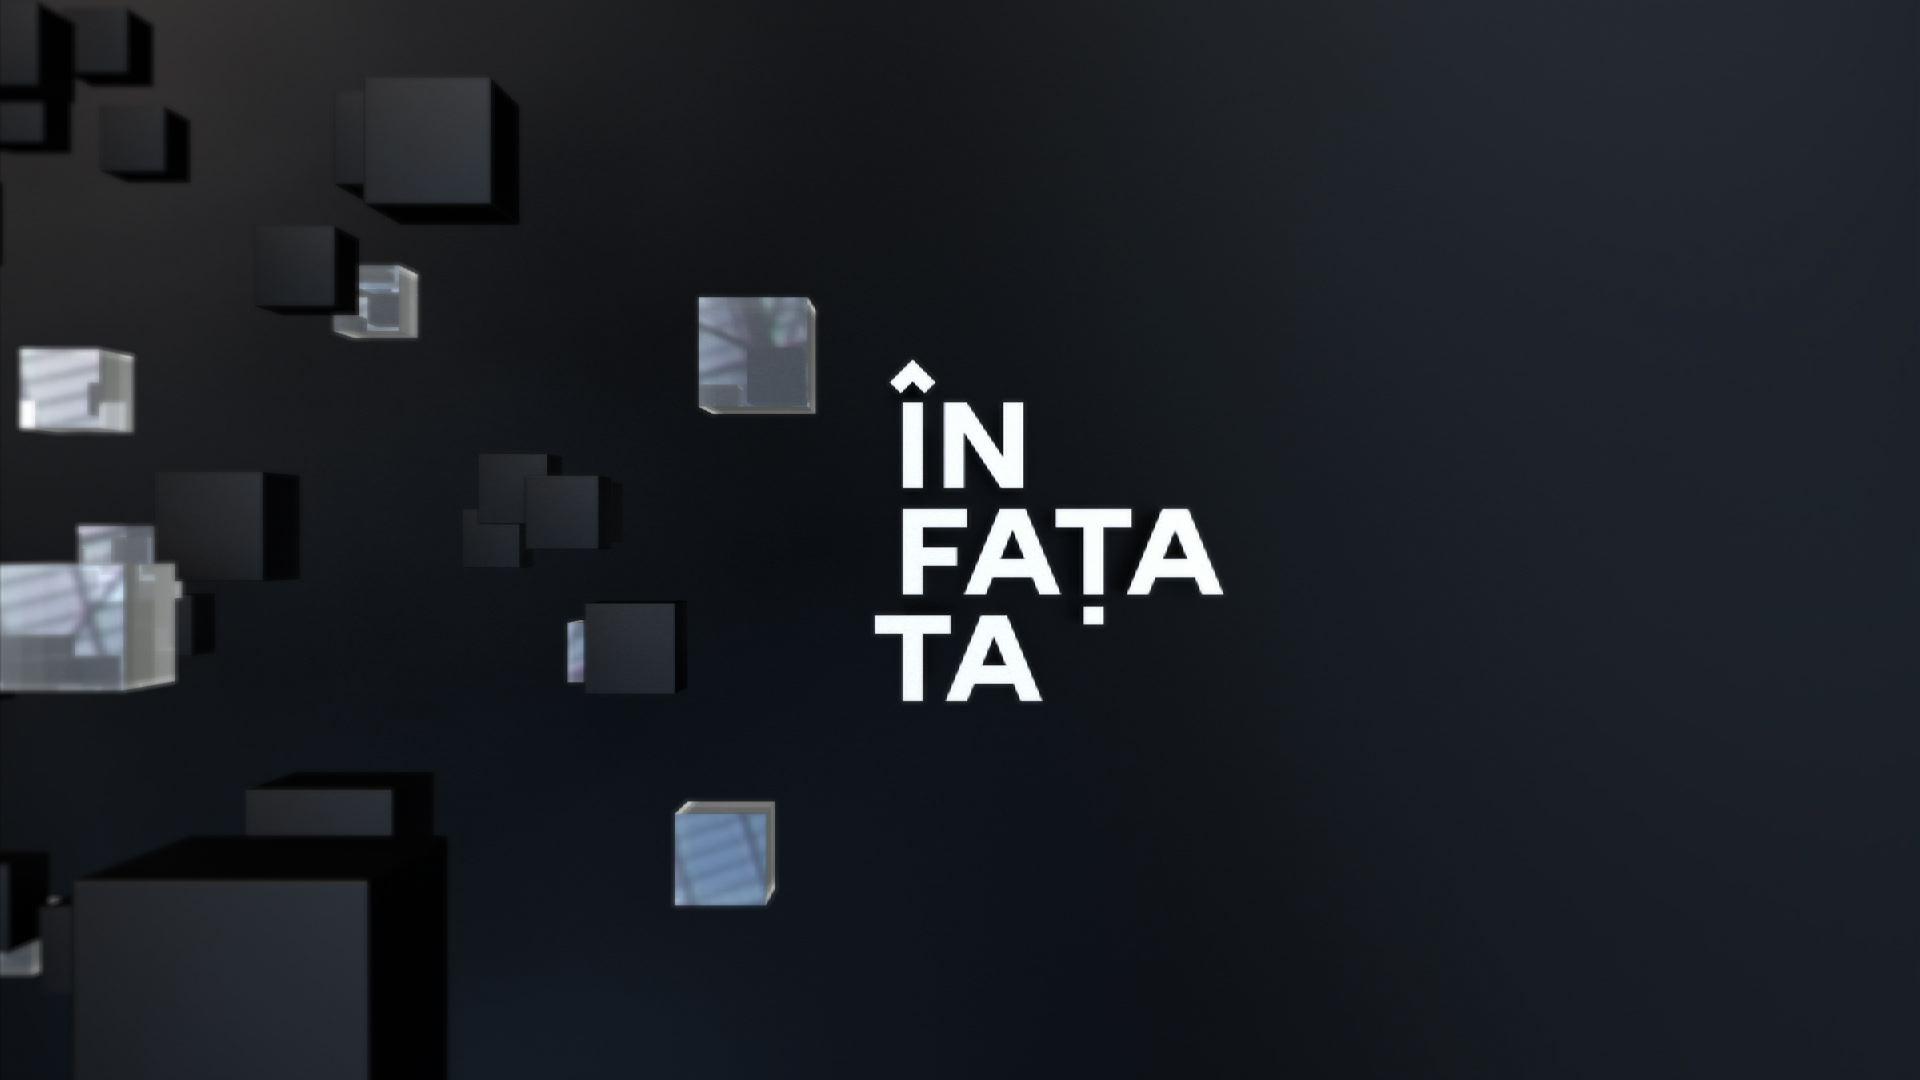 in-fata-ta-23-august-22-30